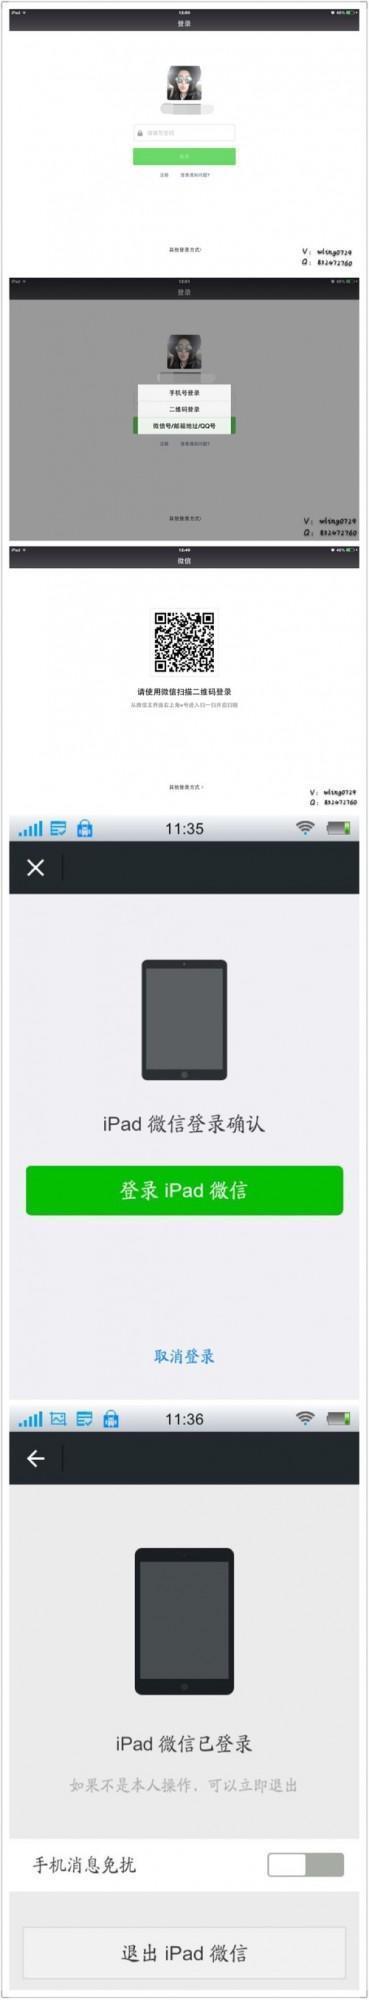 微信6.5.3怎么设置ipad手机同时登陆